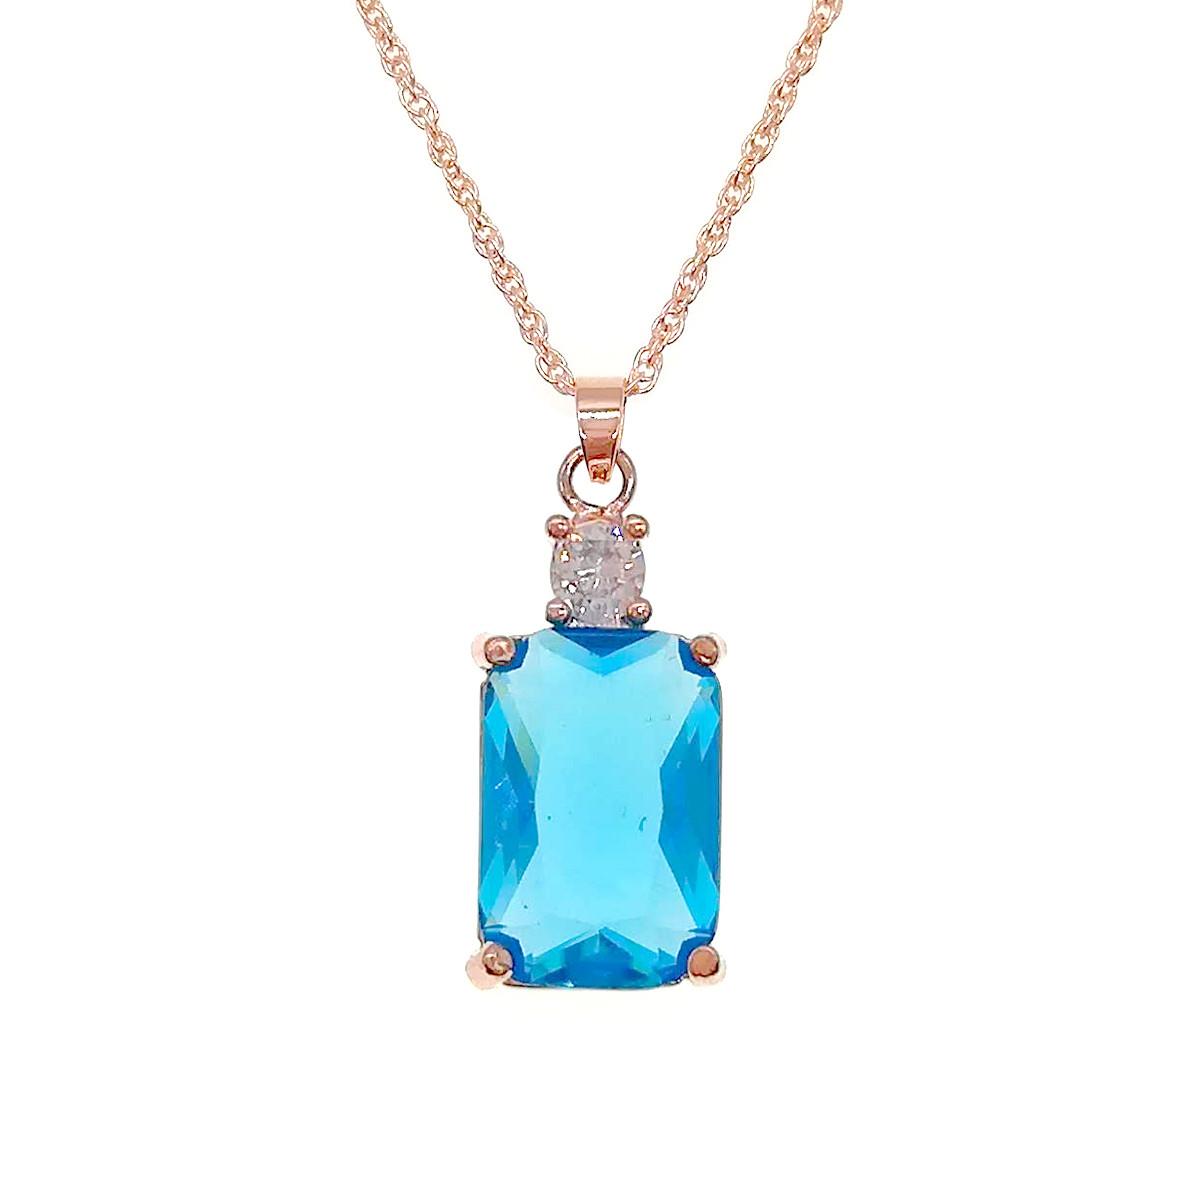 Підвіска на ланцюжку SONATA з медичного золота, блакитний фіаніт, позолота PO, 42085 (1)